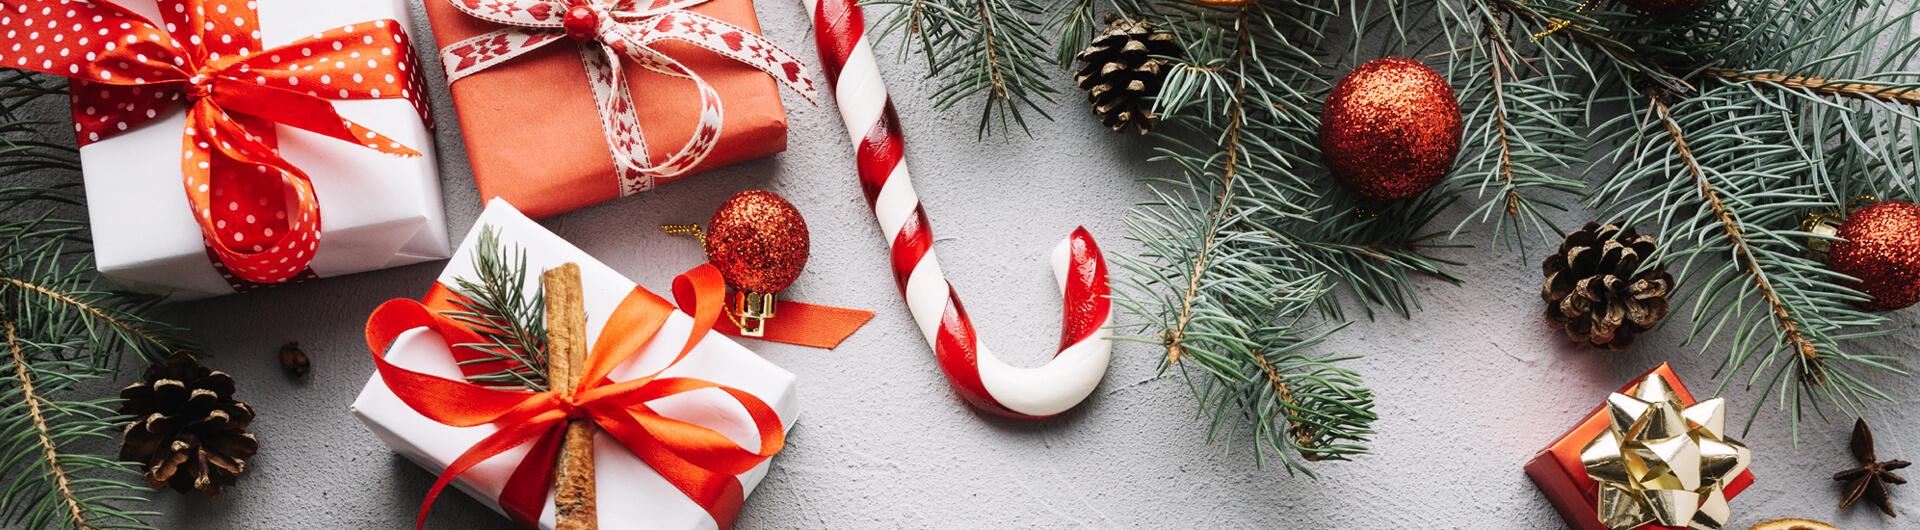 https://sugihara.lt/wp-content/uploads/2017/12/kalėdinės-akcijos.jpg